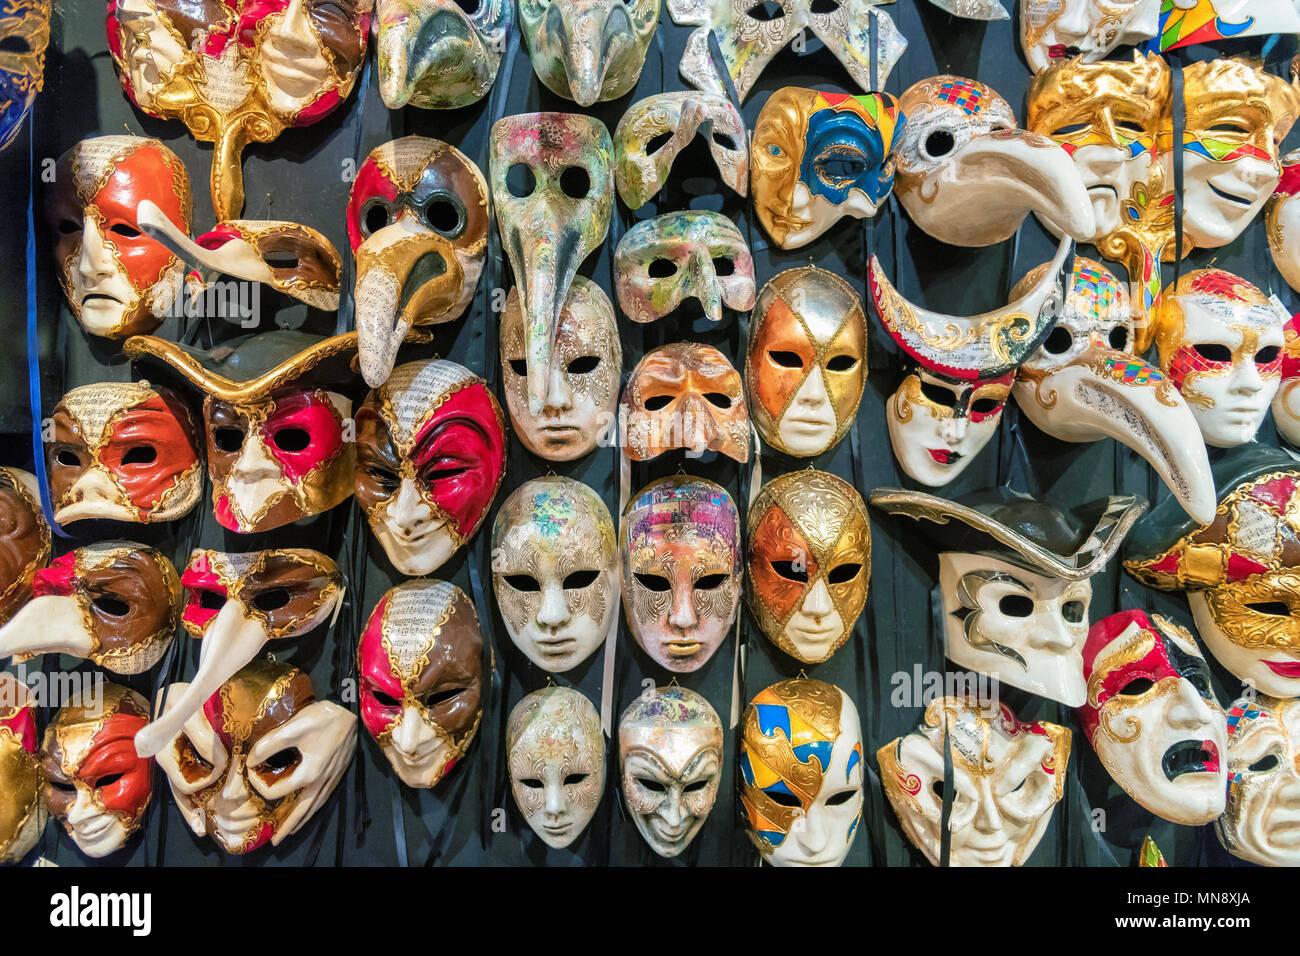 Les masques à Venise, Italie. Photo Stock